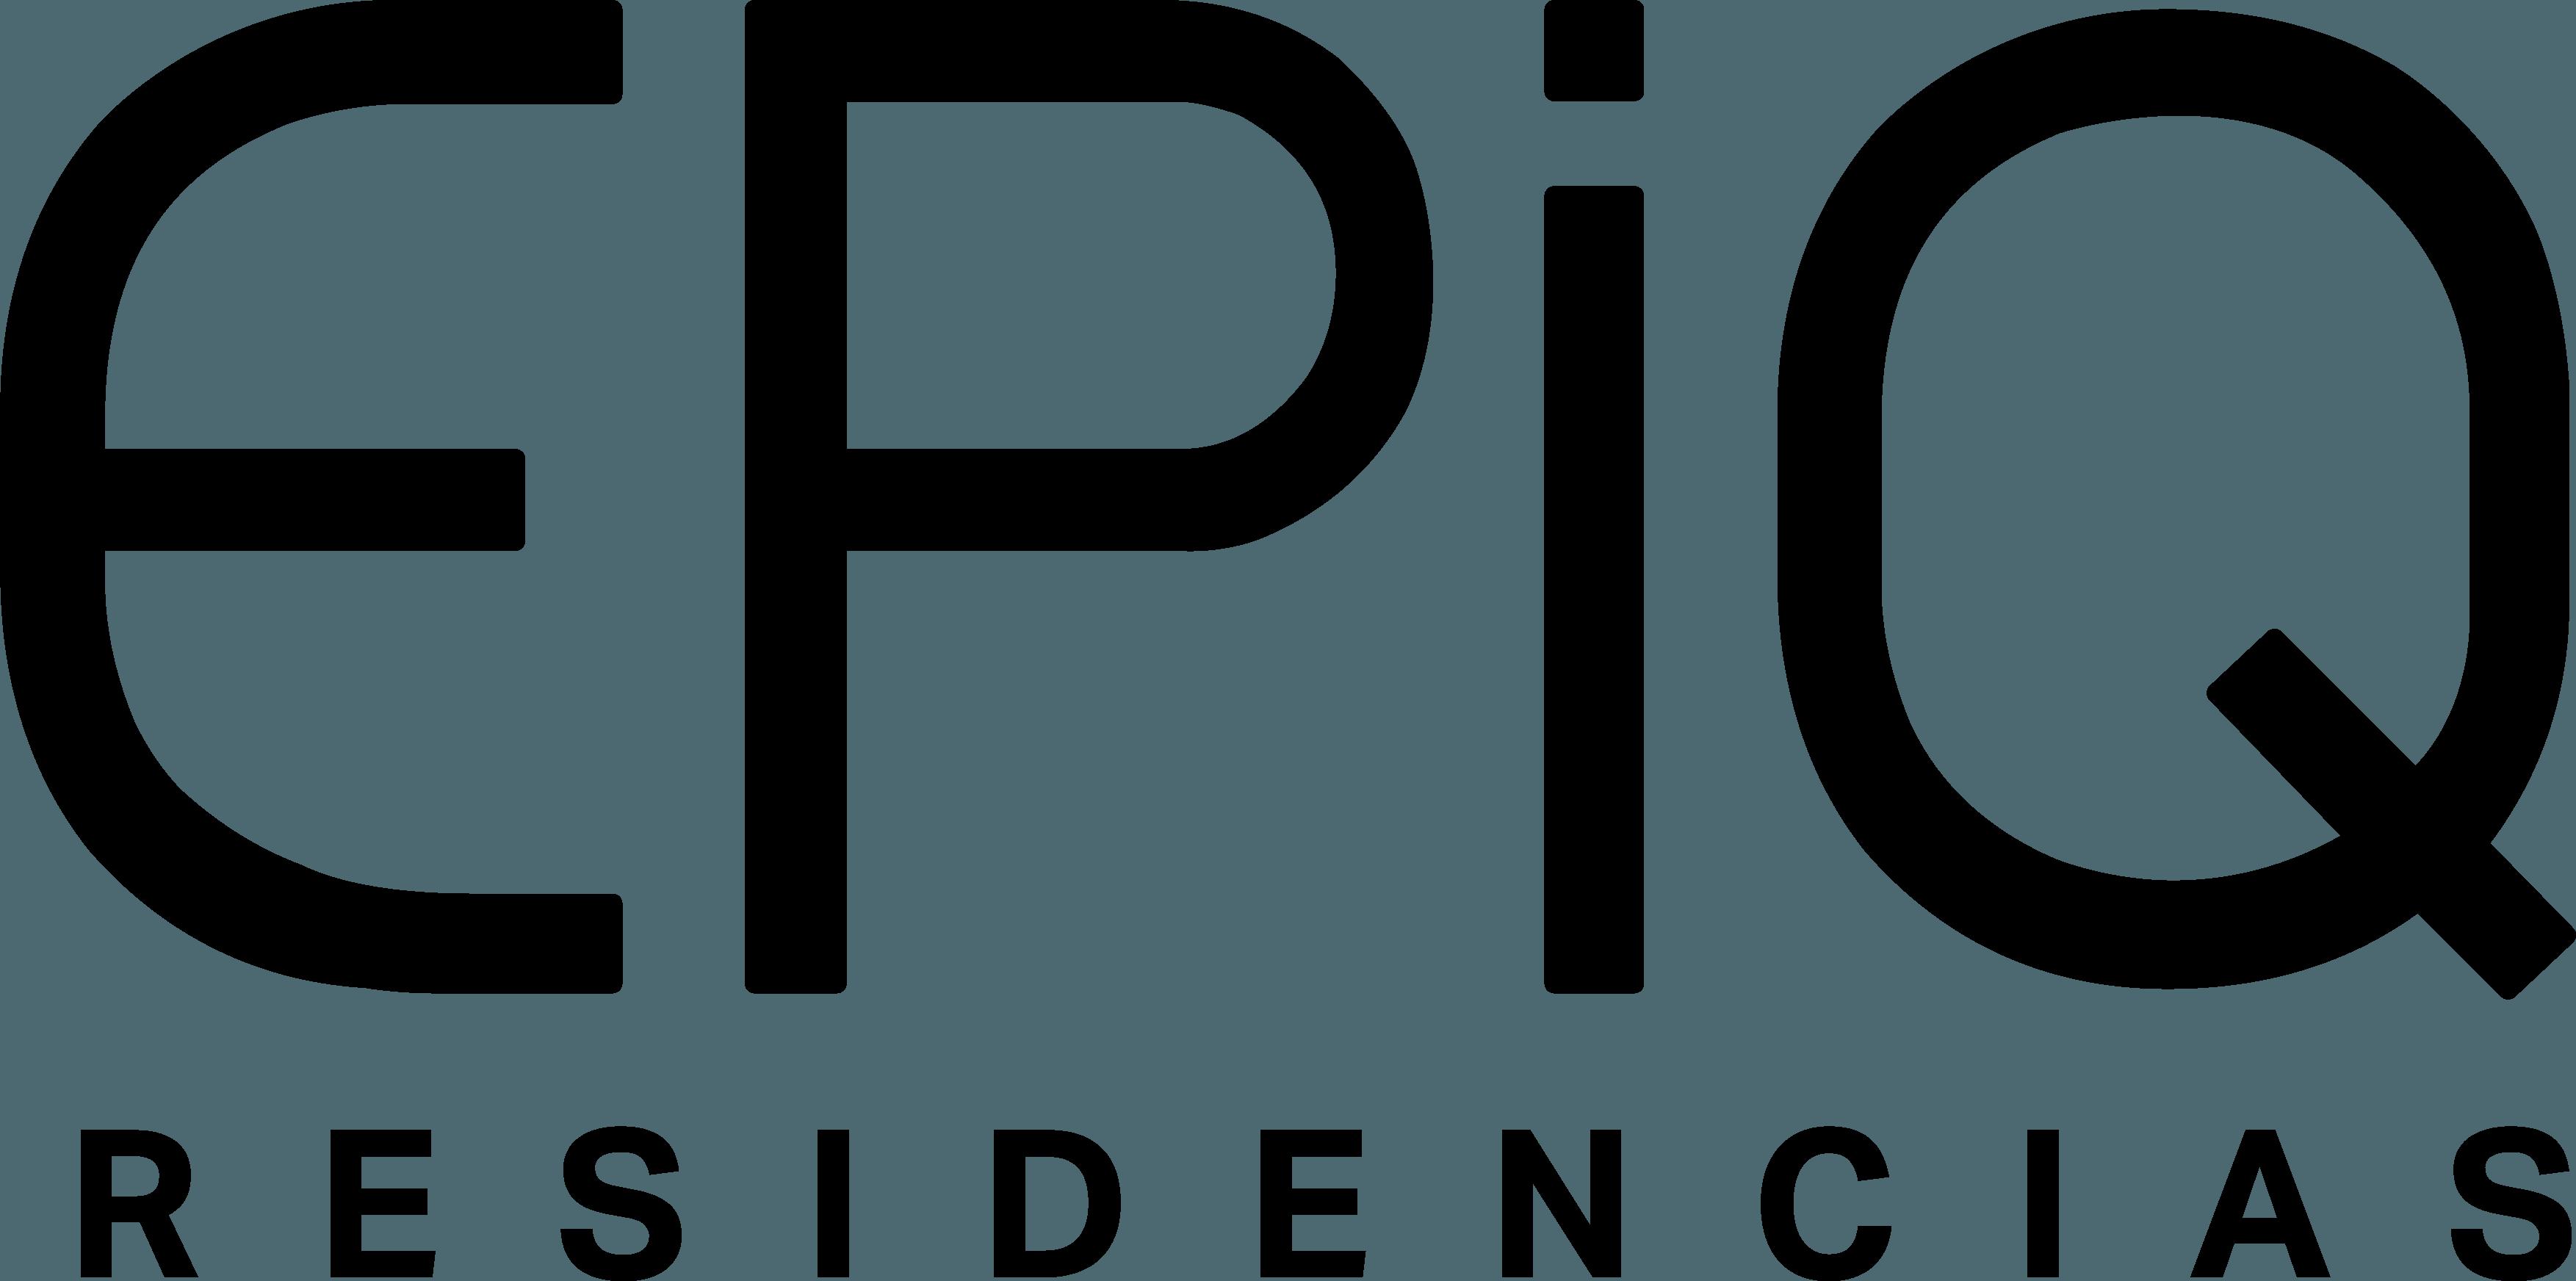 logo nuevo epiq negro